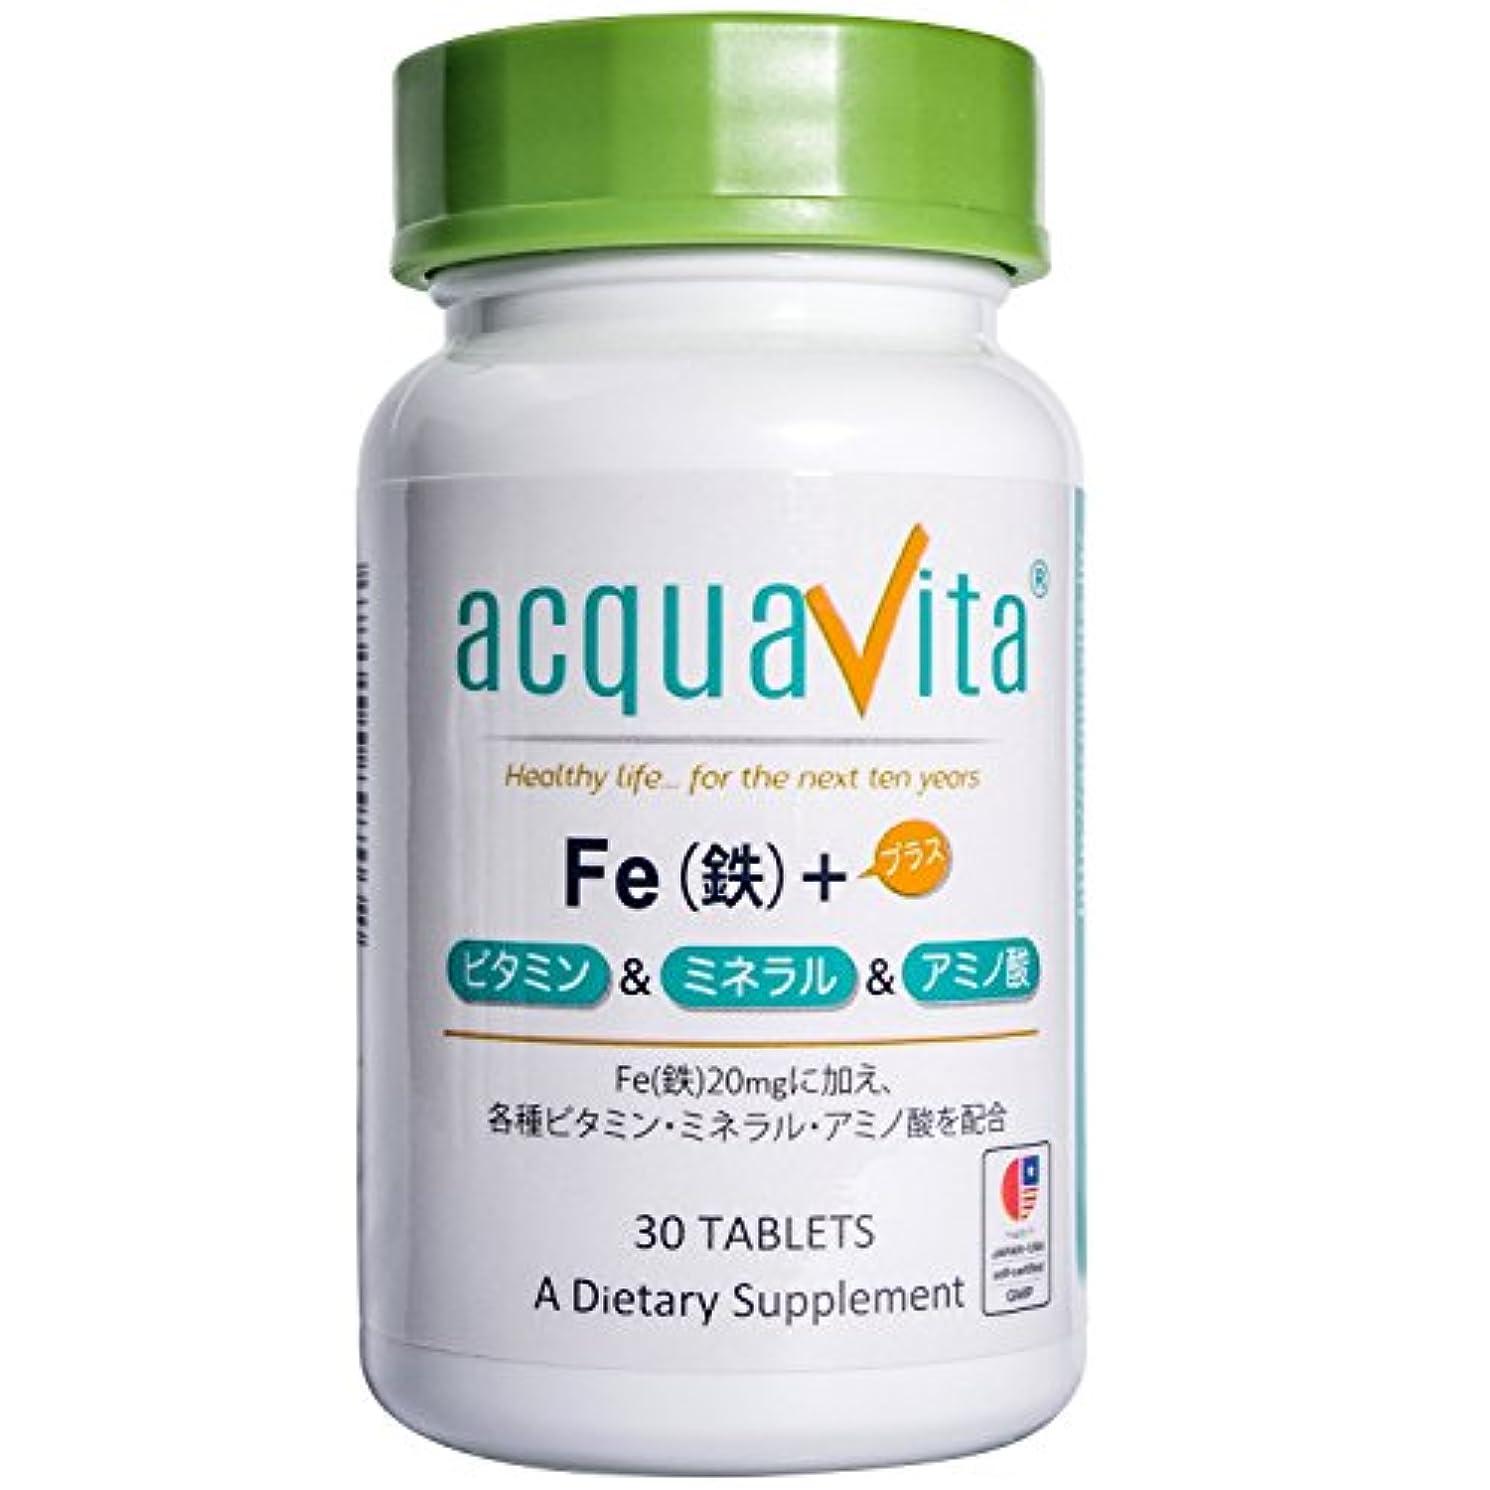 それにもかかわらずモットーマウンドacquavita(アクアヴィータ) Fe(鉄)+ビタミン?ミネラル?アミノ酸 30粒